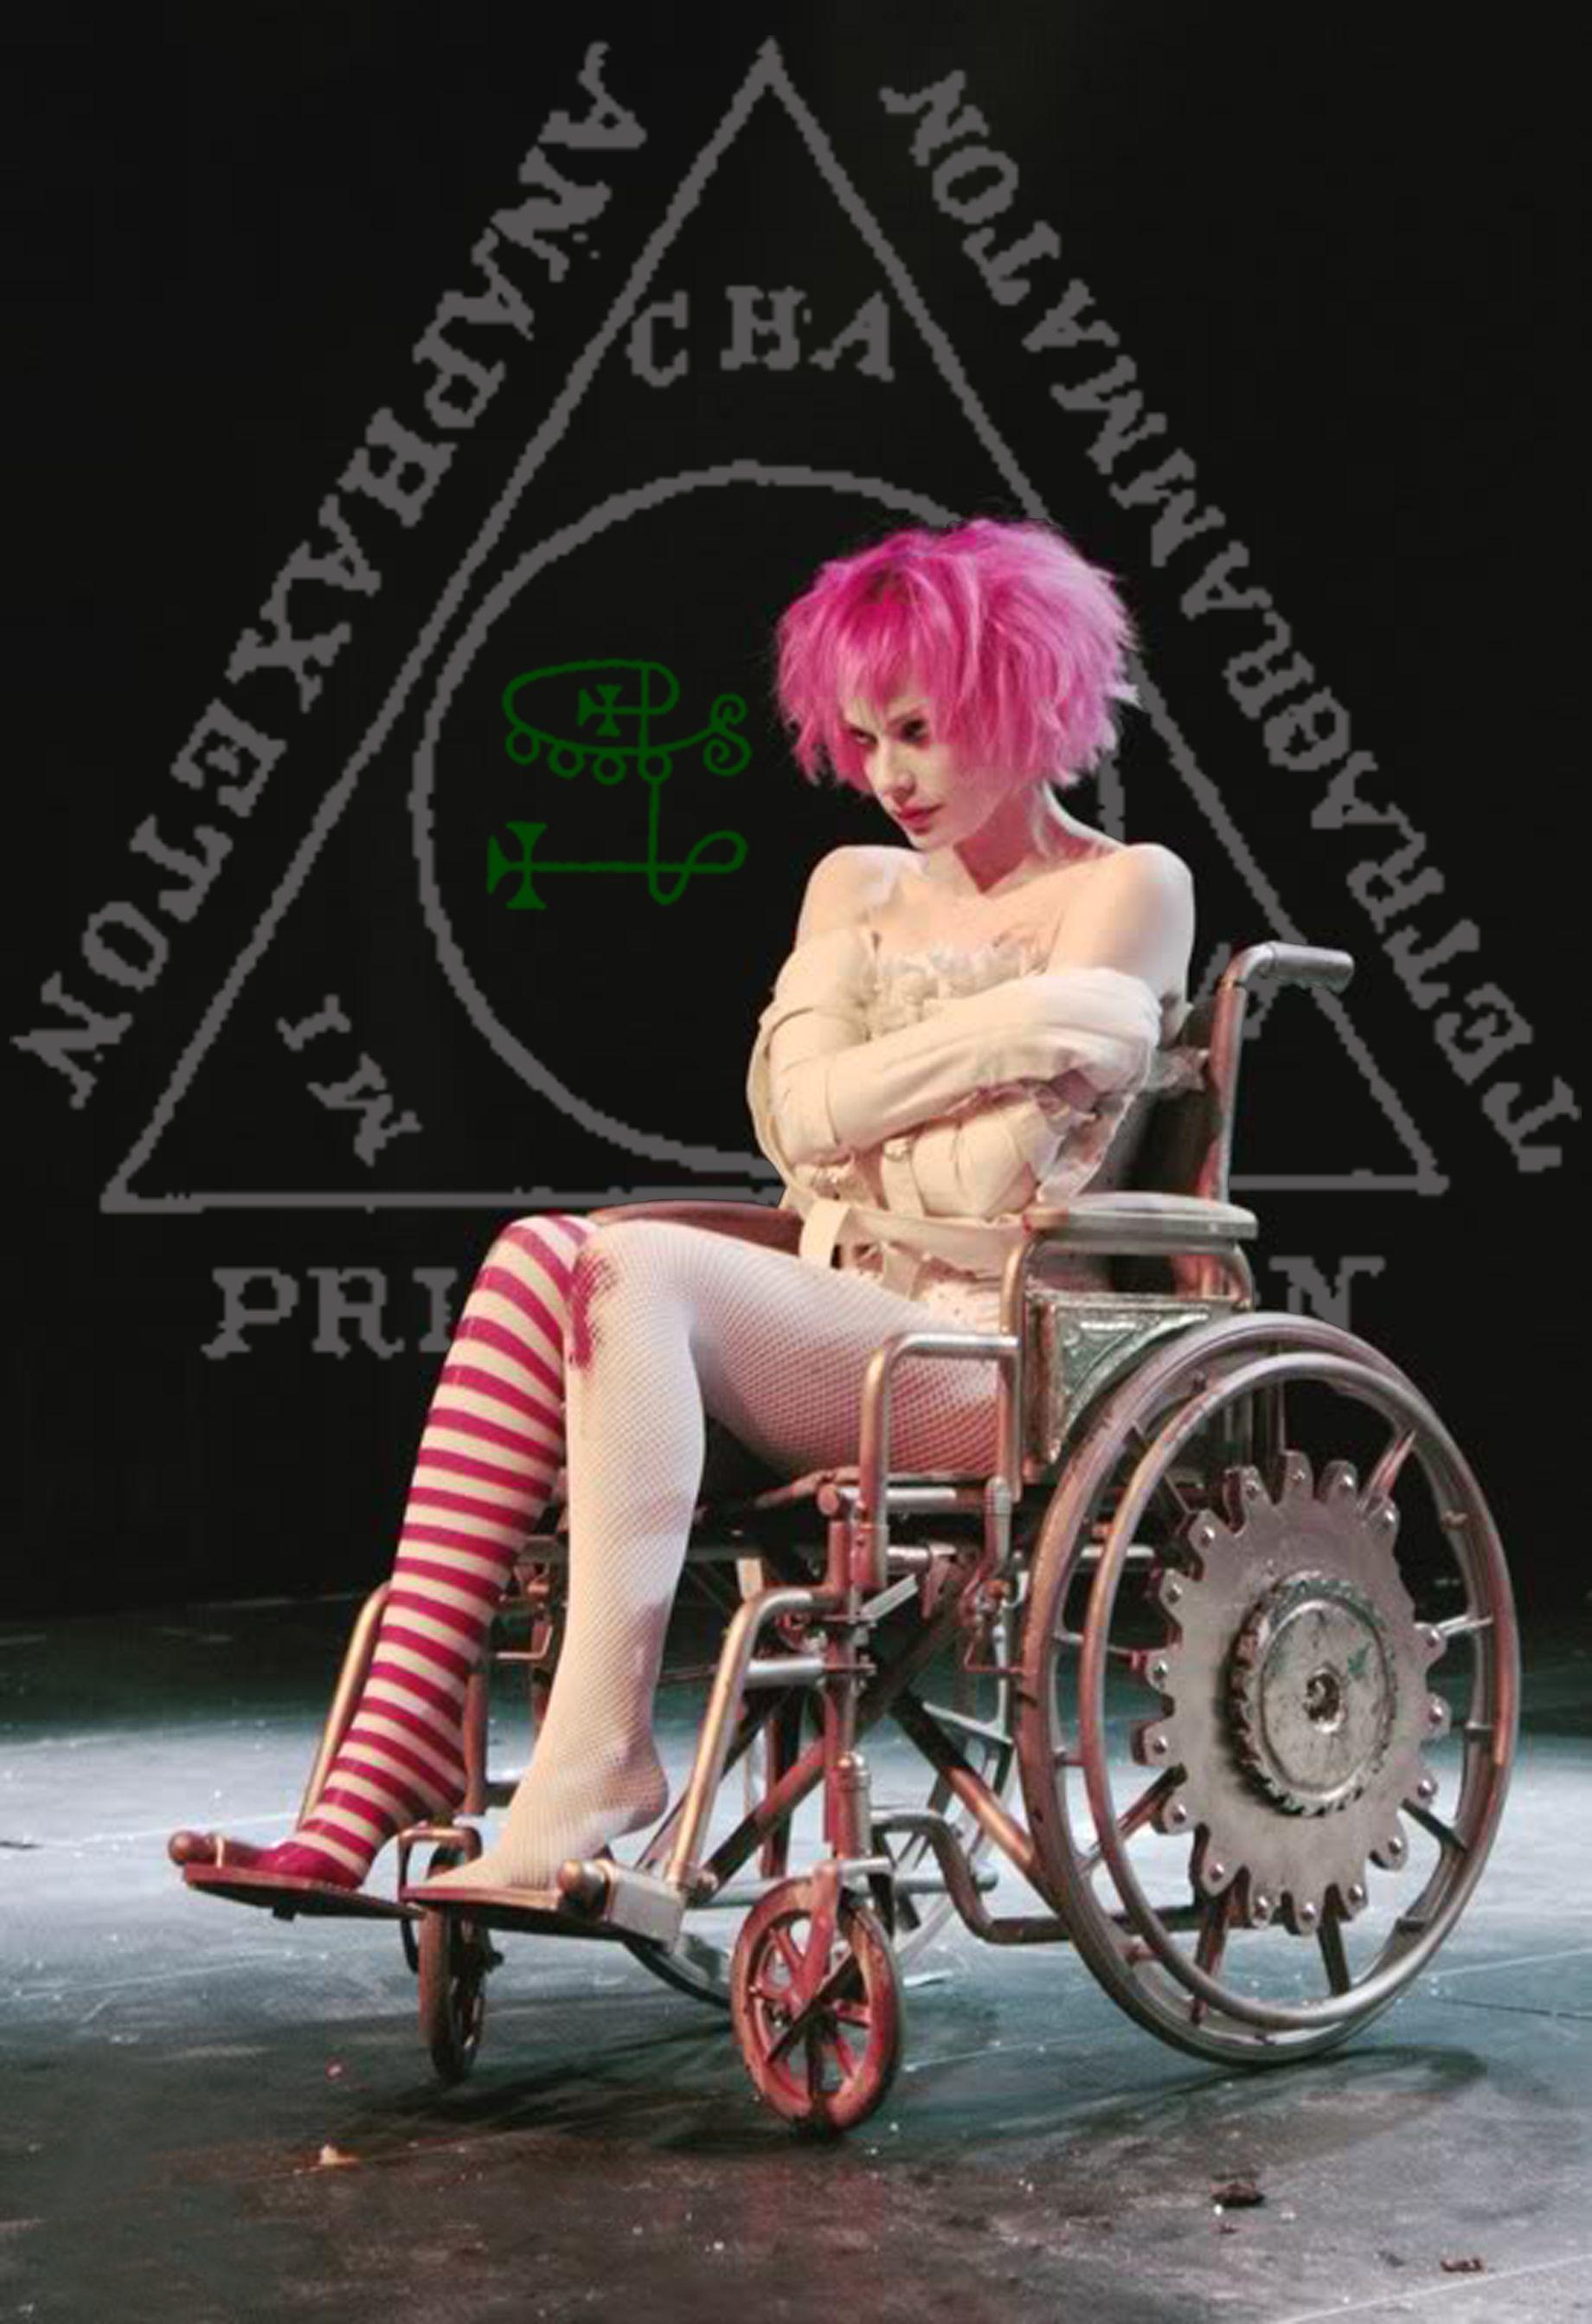 goetia_girls_valefora_valefor_succubus_witch_wheelchair_steampunk.jpg (1840×2686)